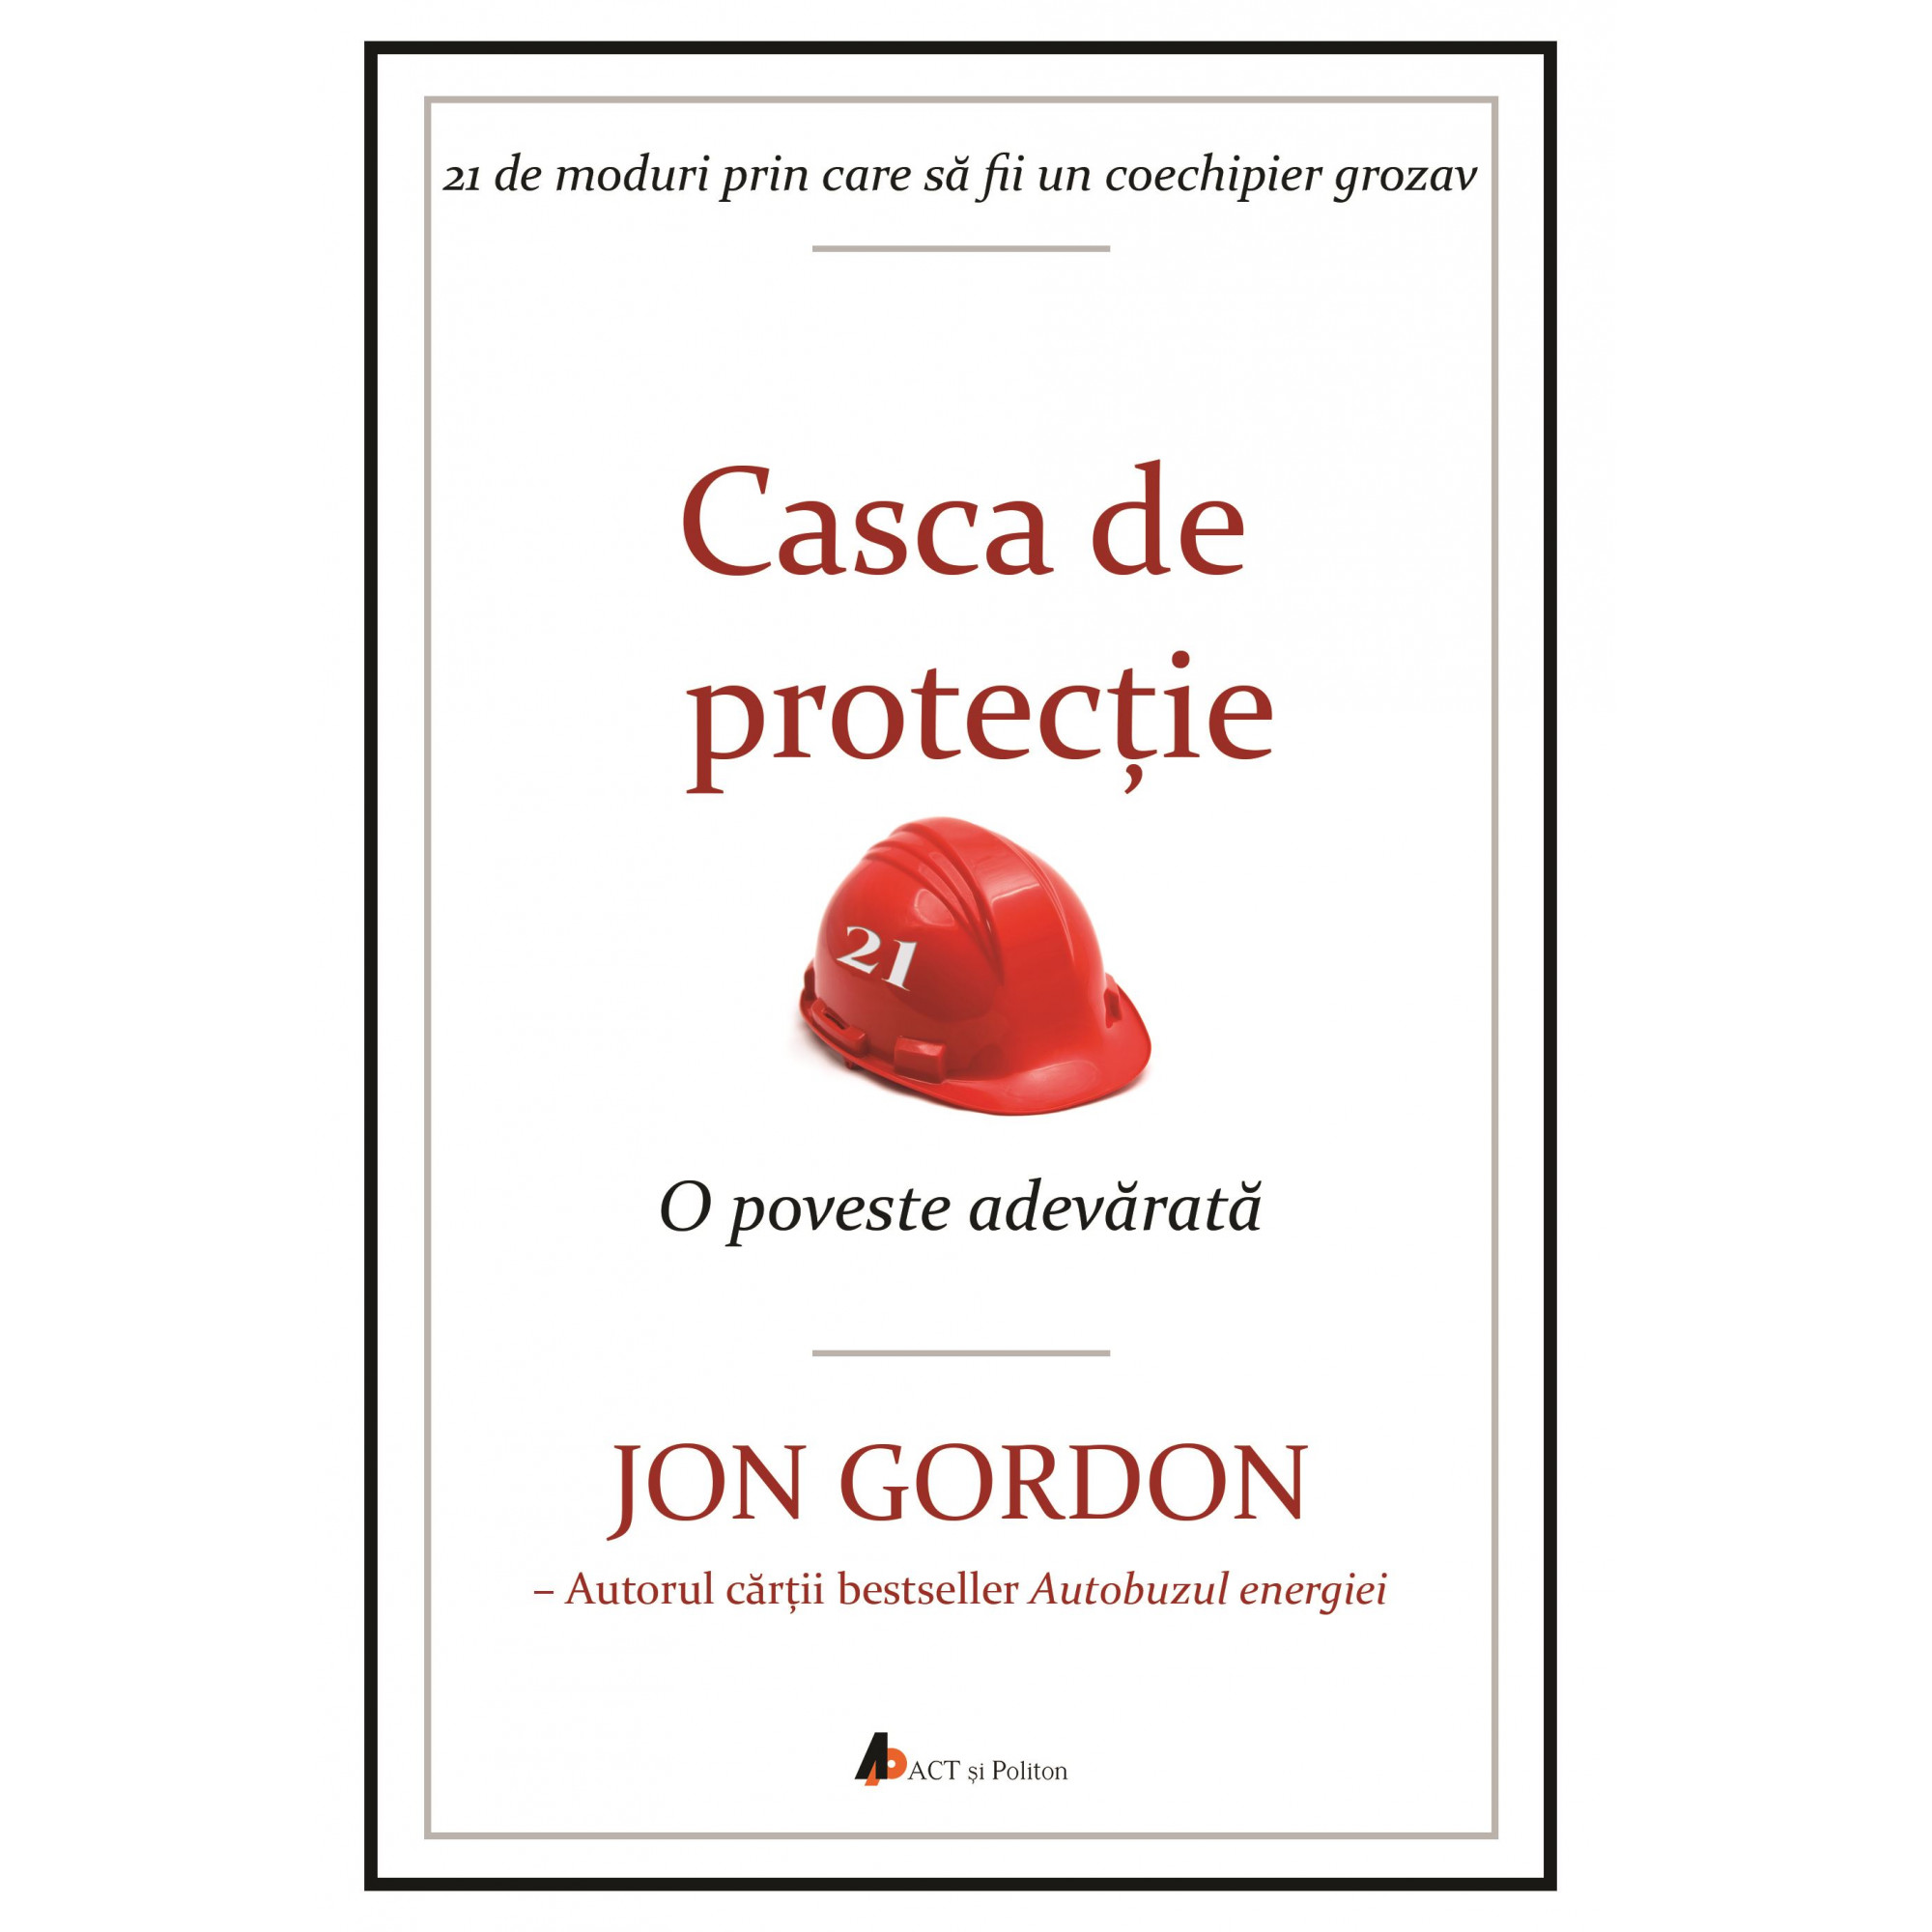 Casca de protecție